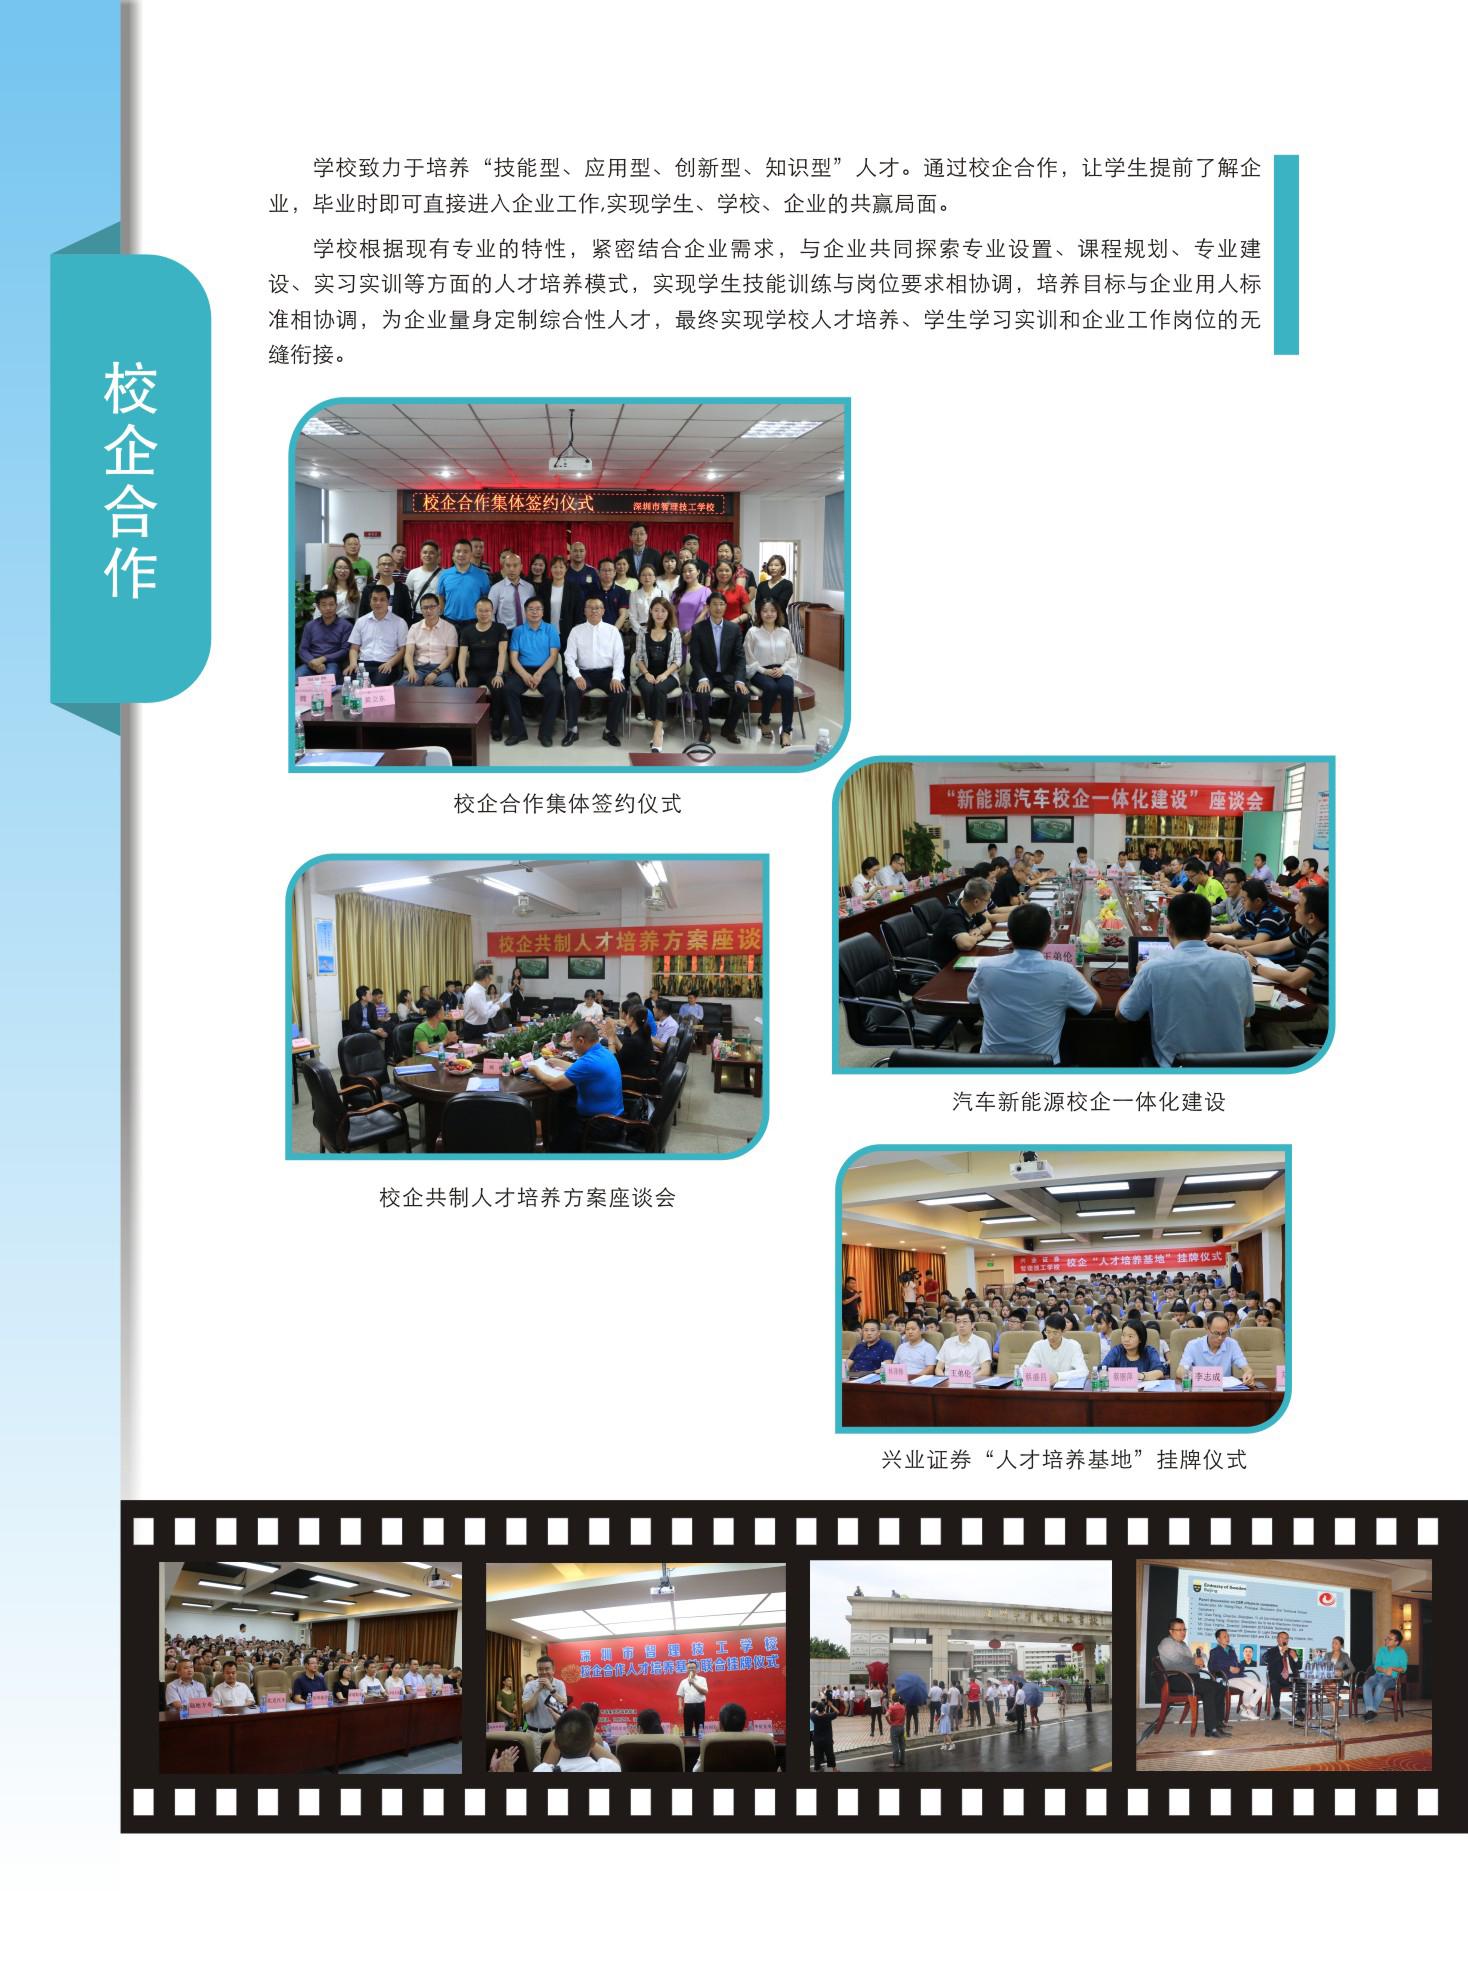 深圳市智理技工学校2019年招生简章校企合作